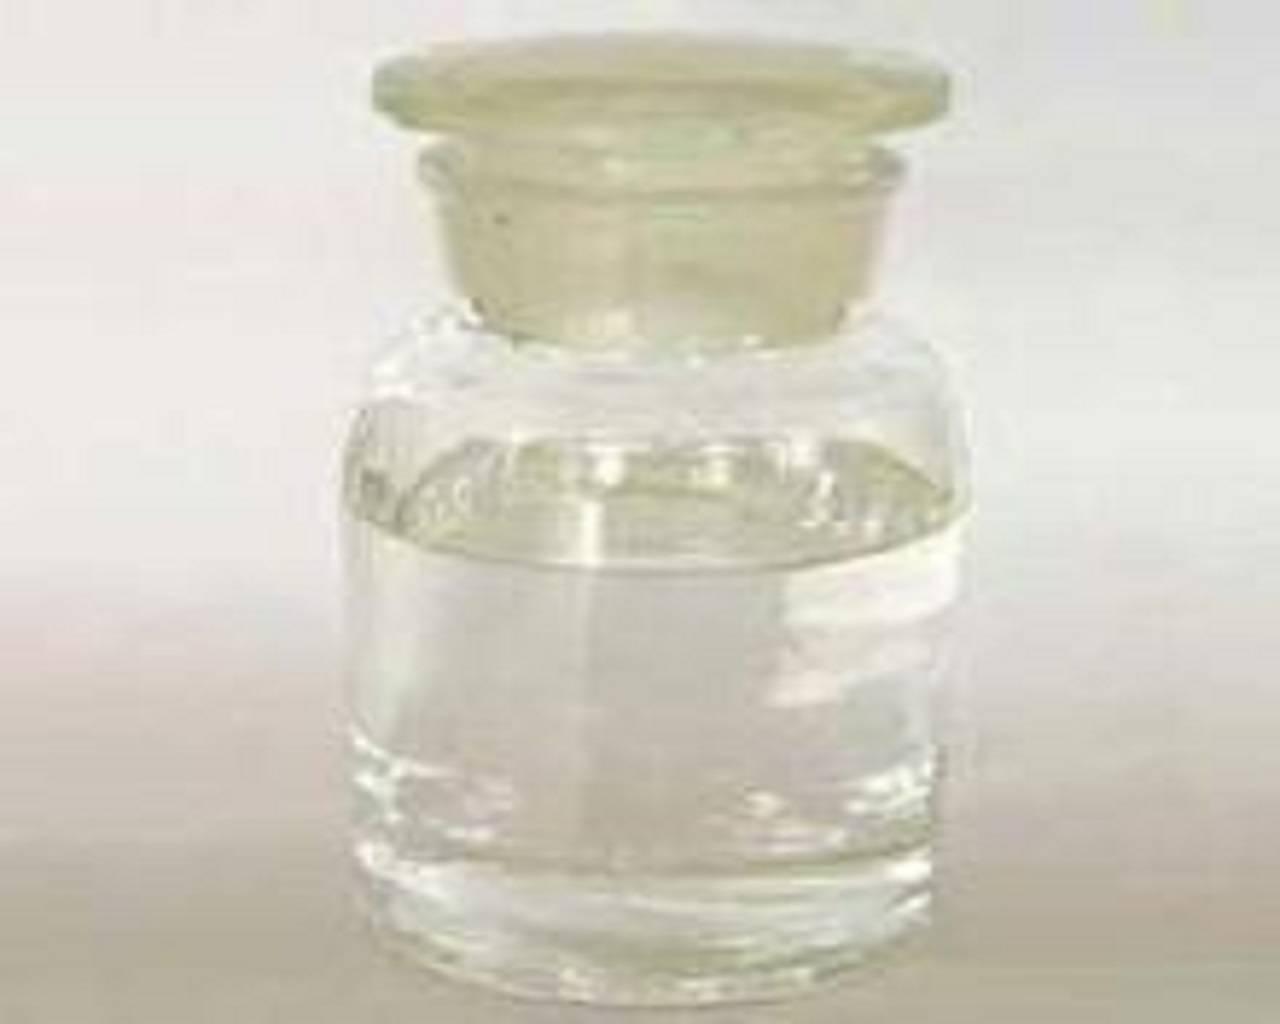 Glycidyl methacrylate GMA